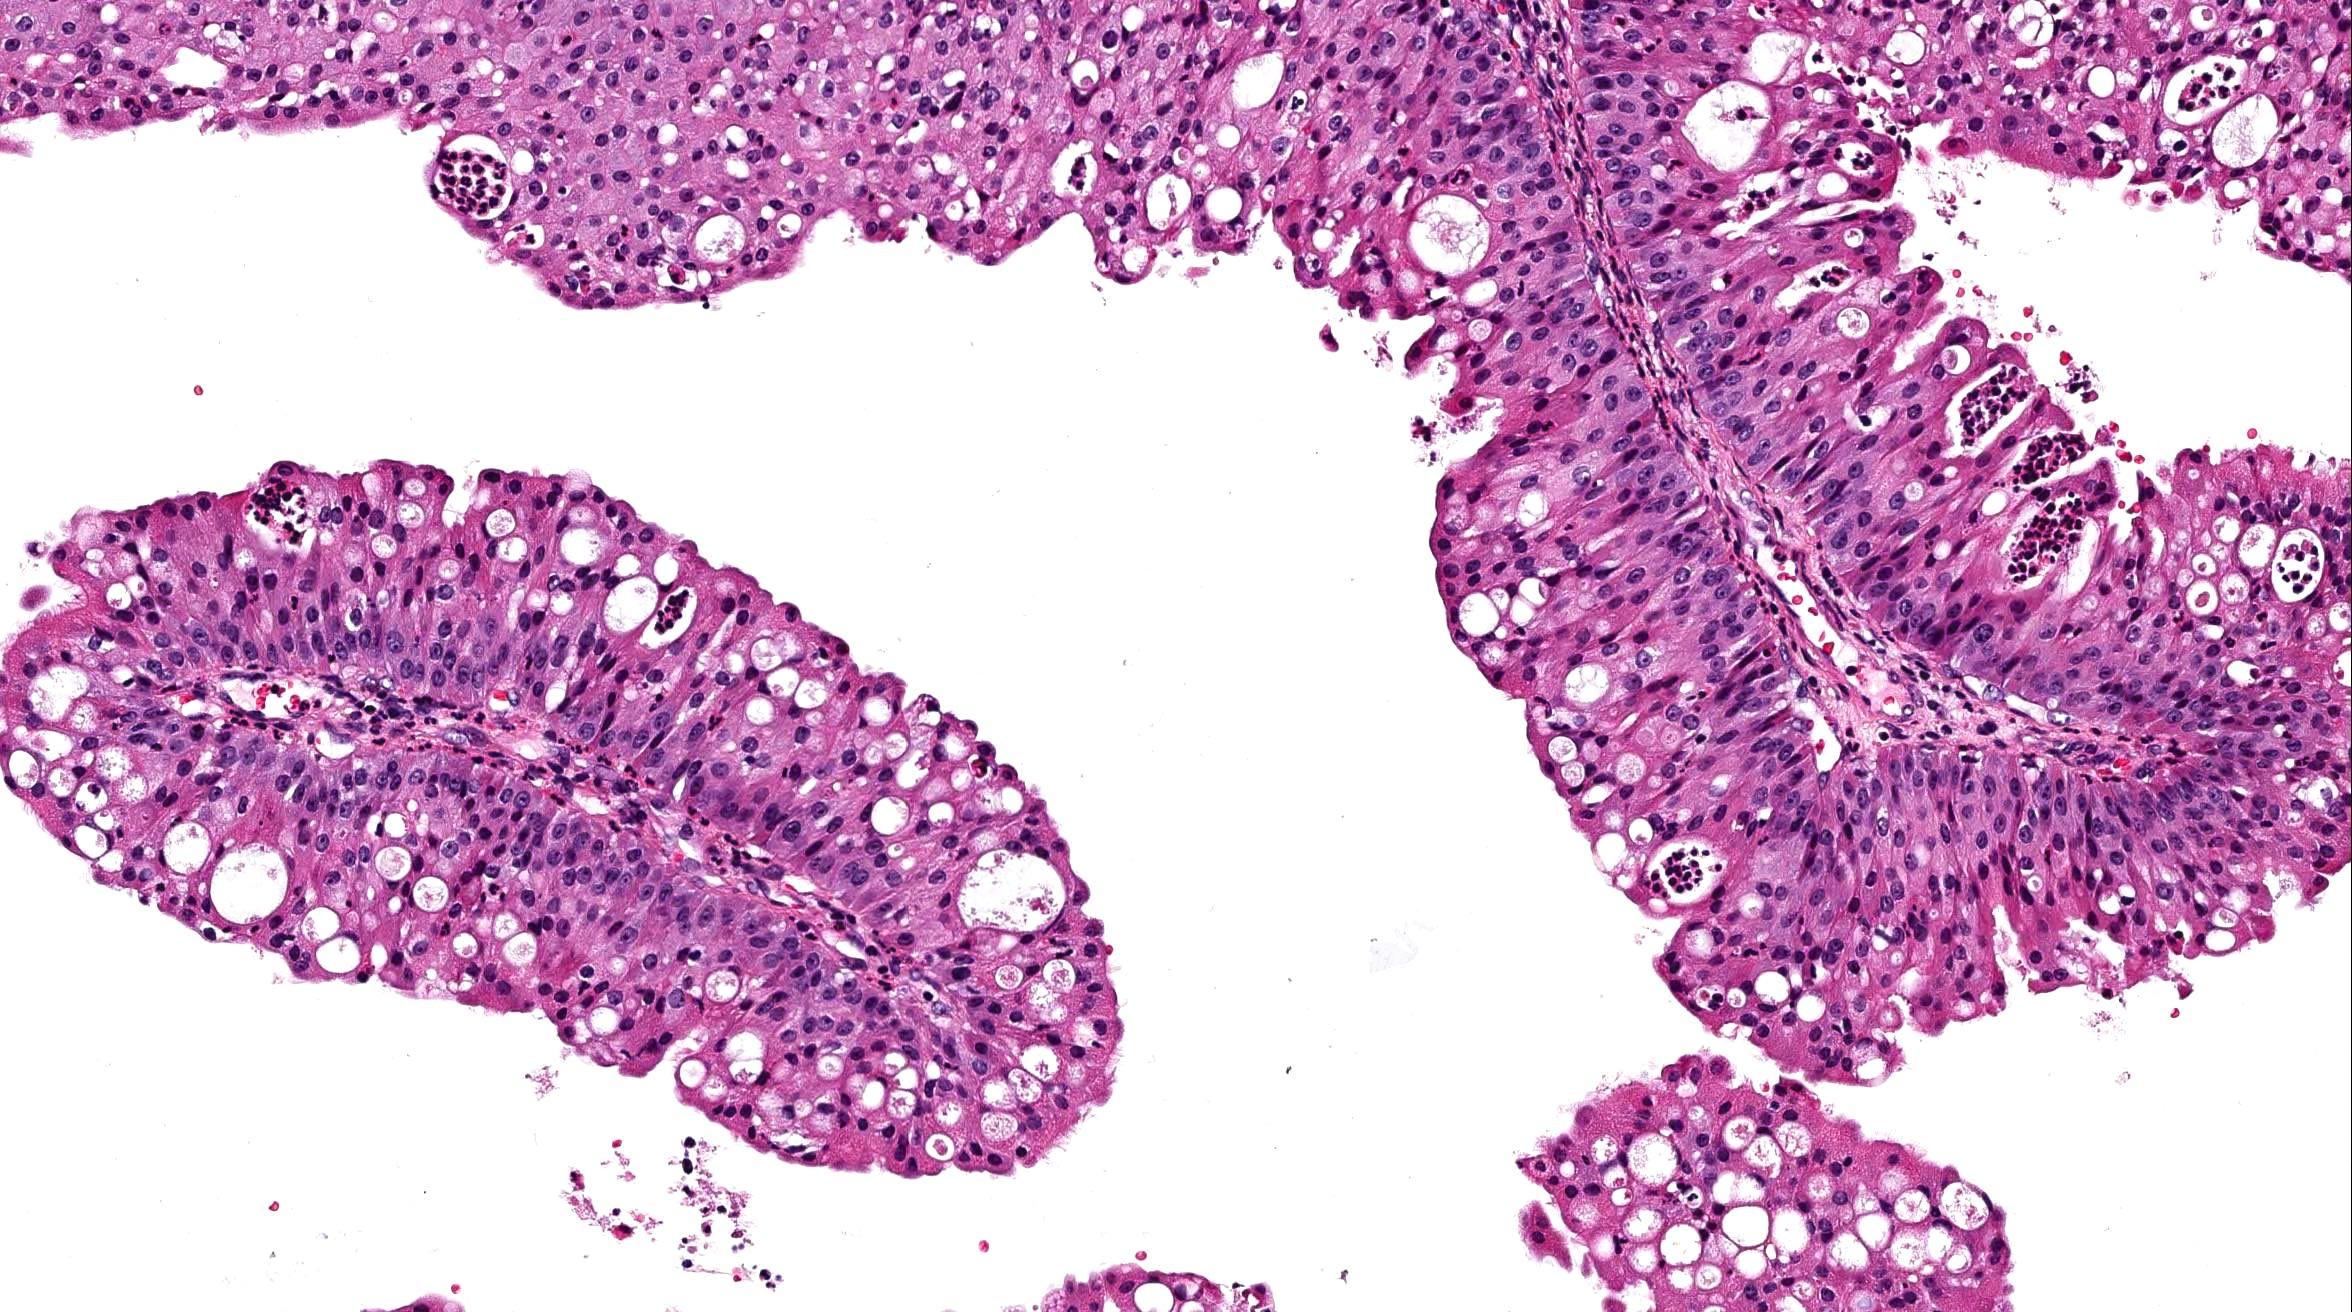 hpv tumore gola il papilloma virus si trasmette con la saliva